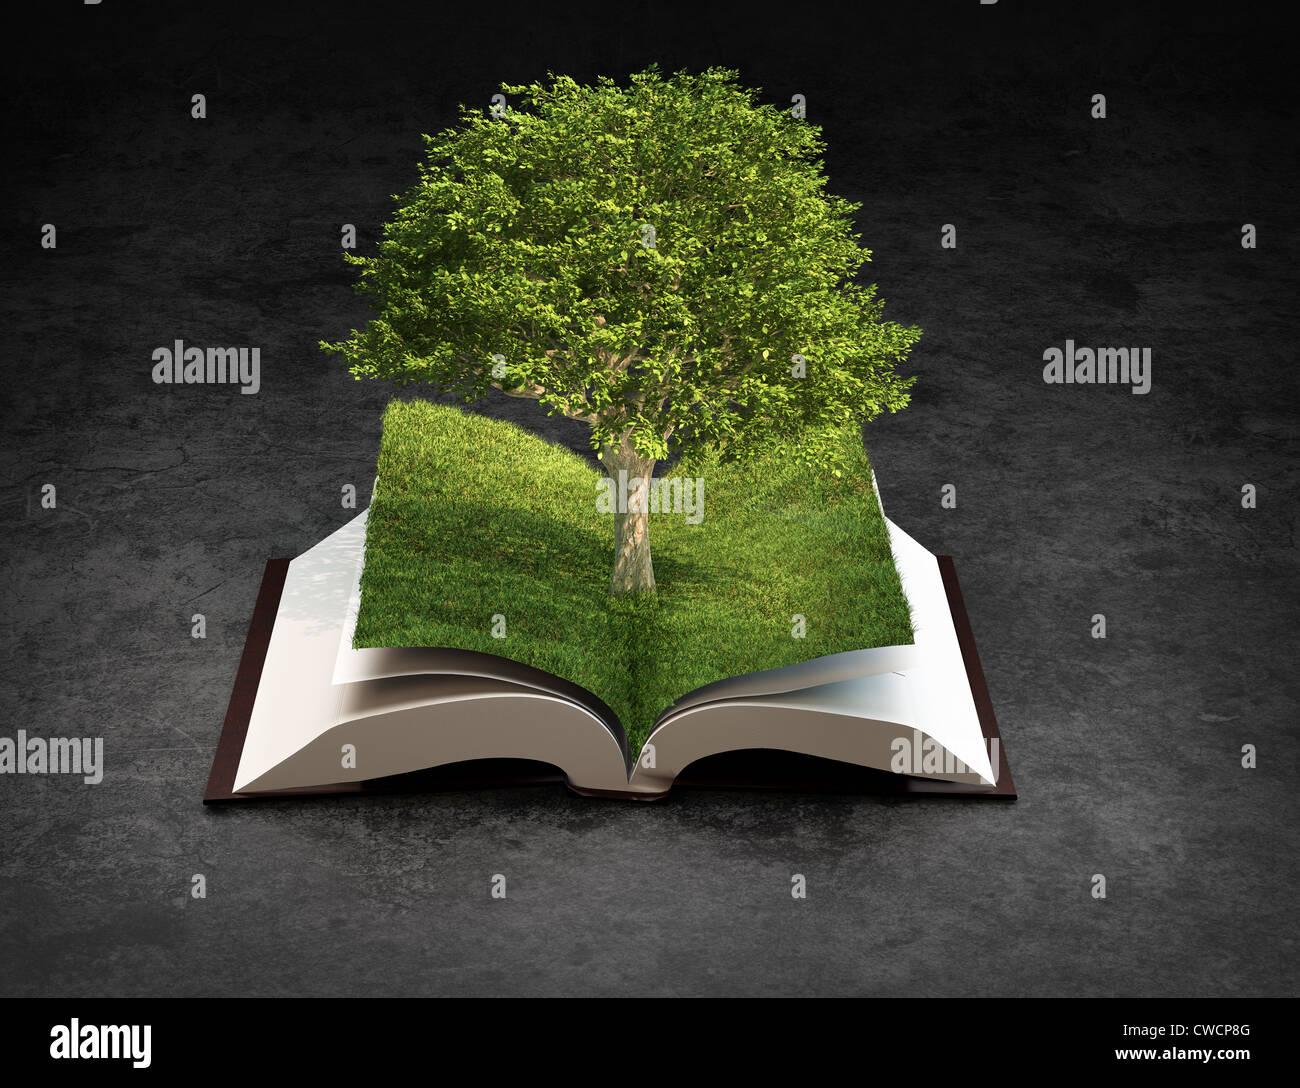 Libro Abierto - conocimiento y creatividad concepto Imagen De Stock